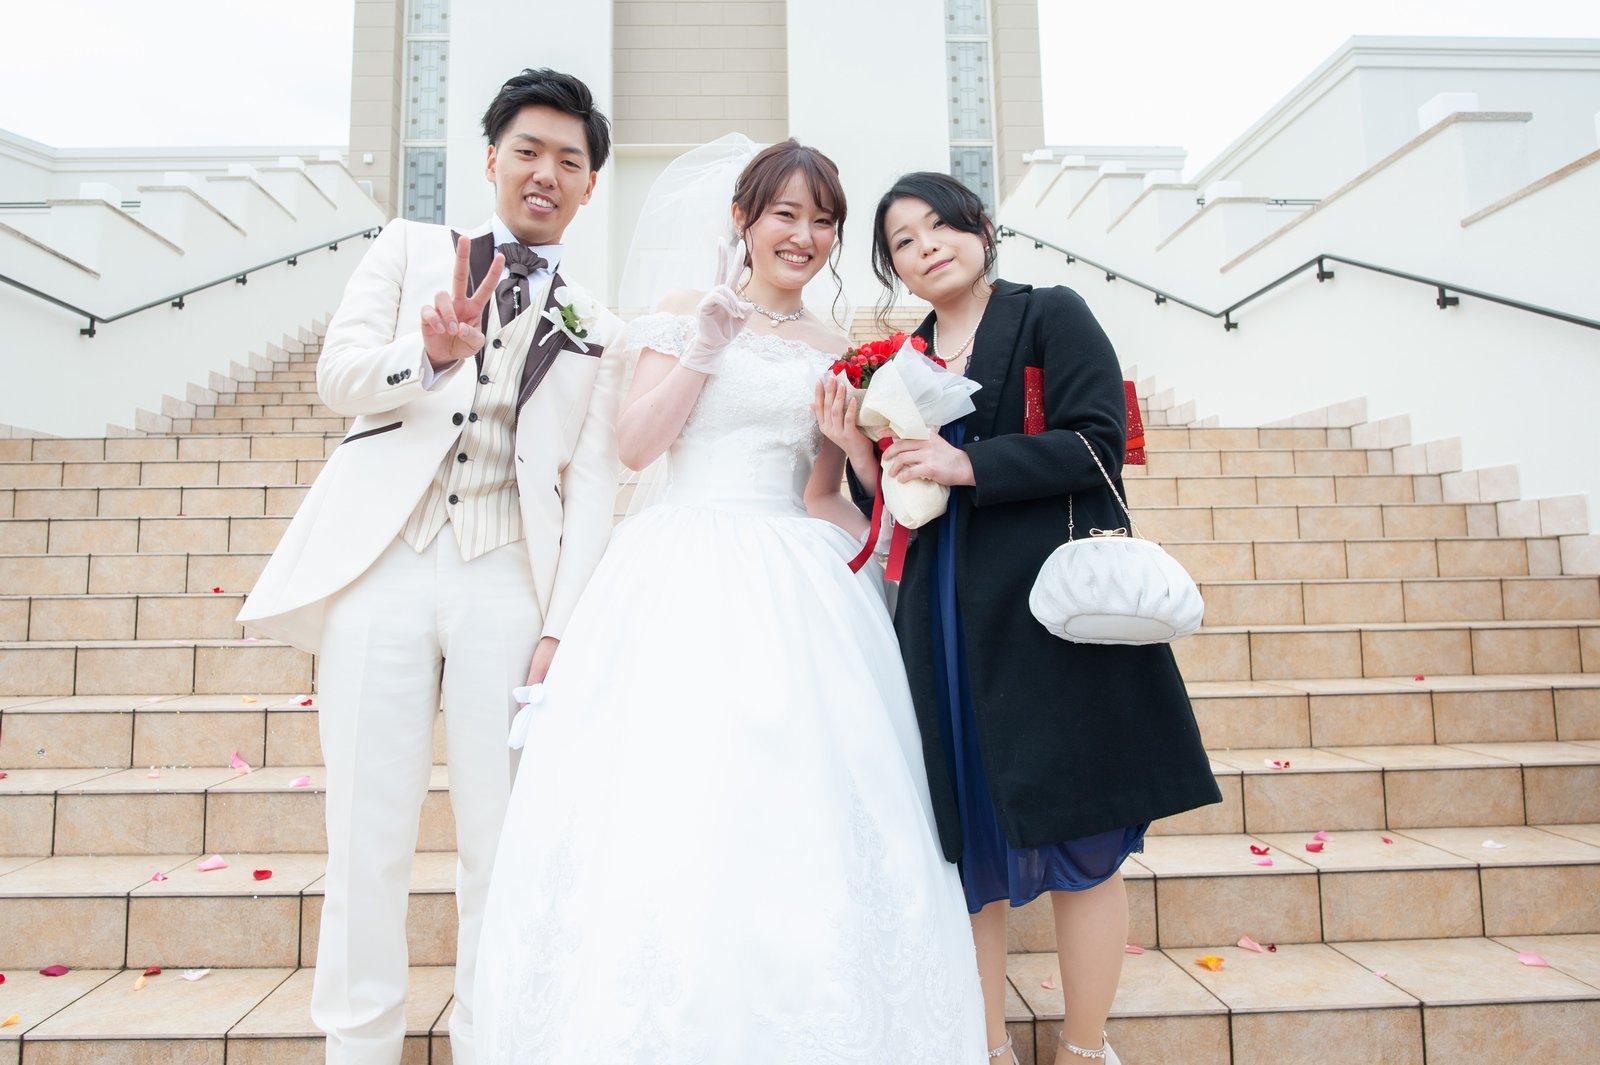 徳島市の結婚式場ブランアンジュでブーケをキャッチしたゲストと記念写真をとる新郎新婦